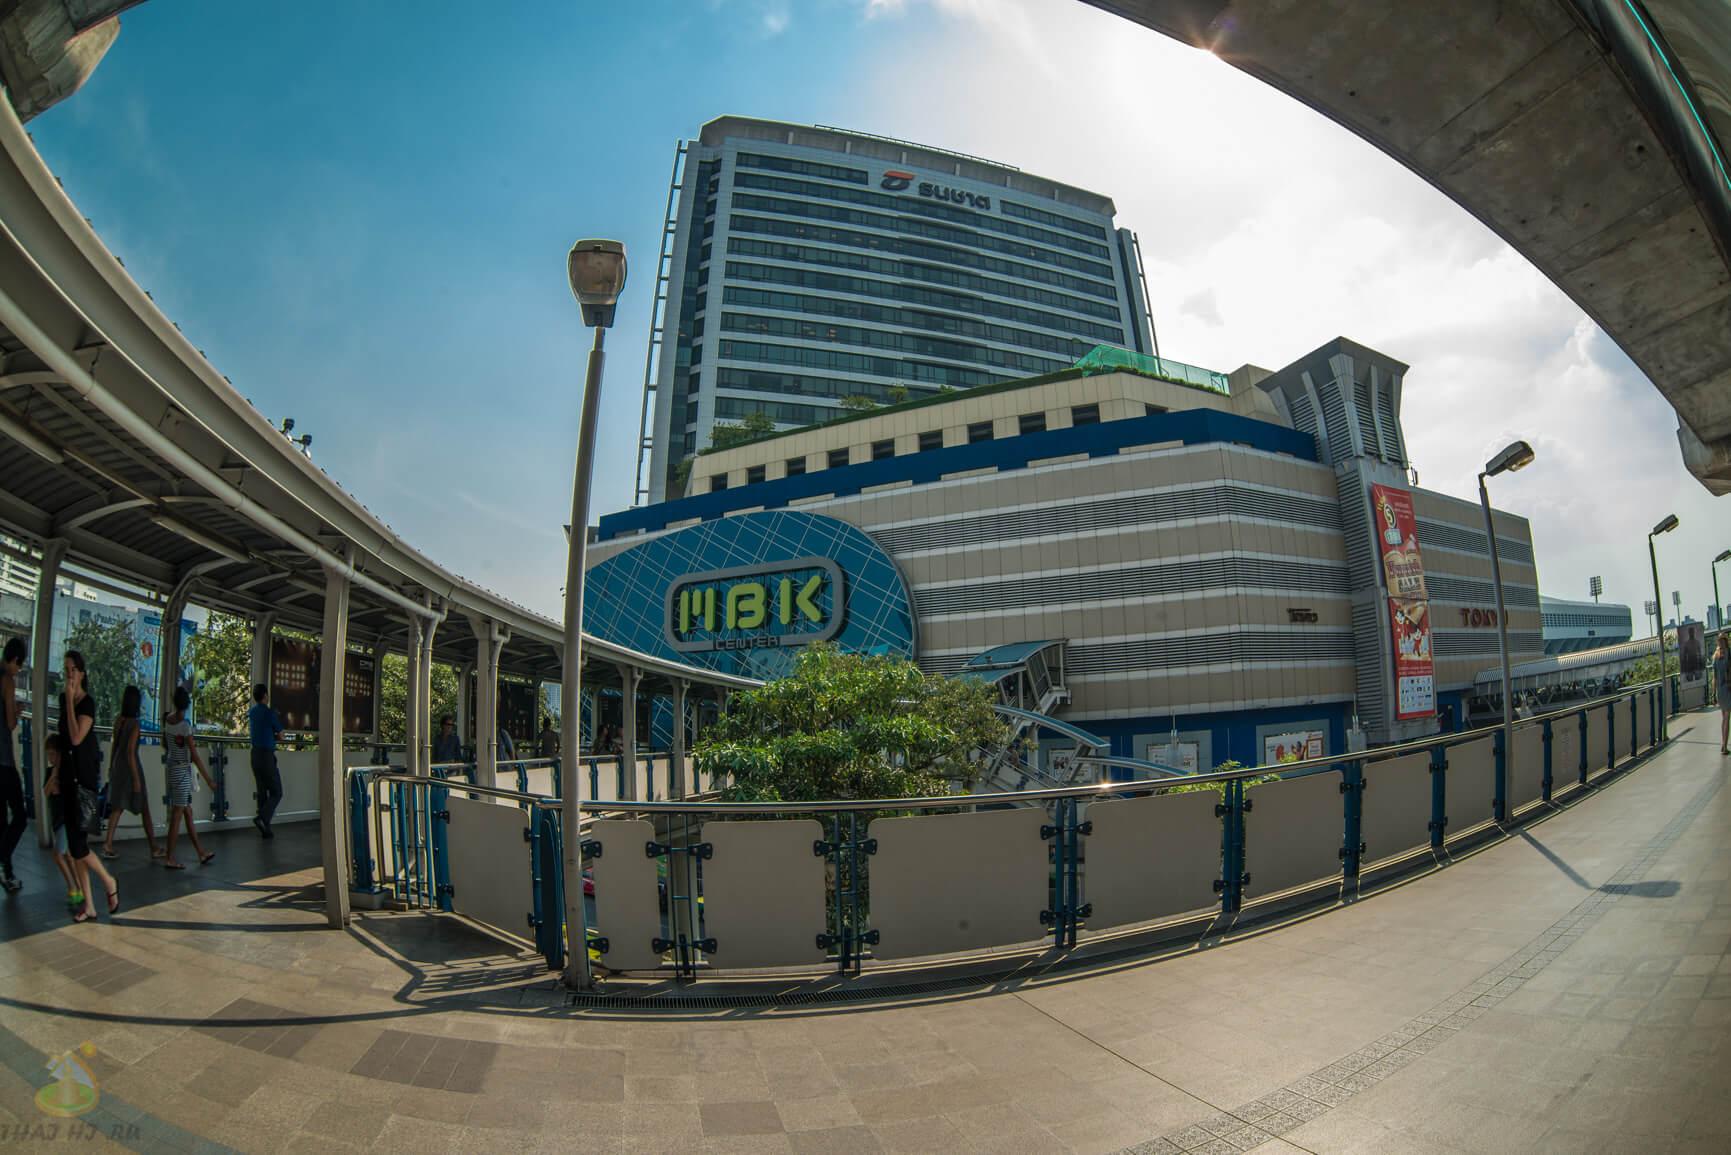 Как найти MBK в Бангкоке